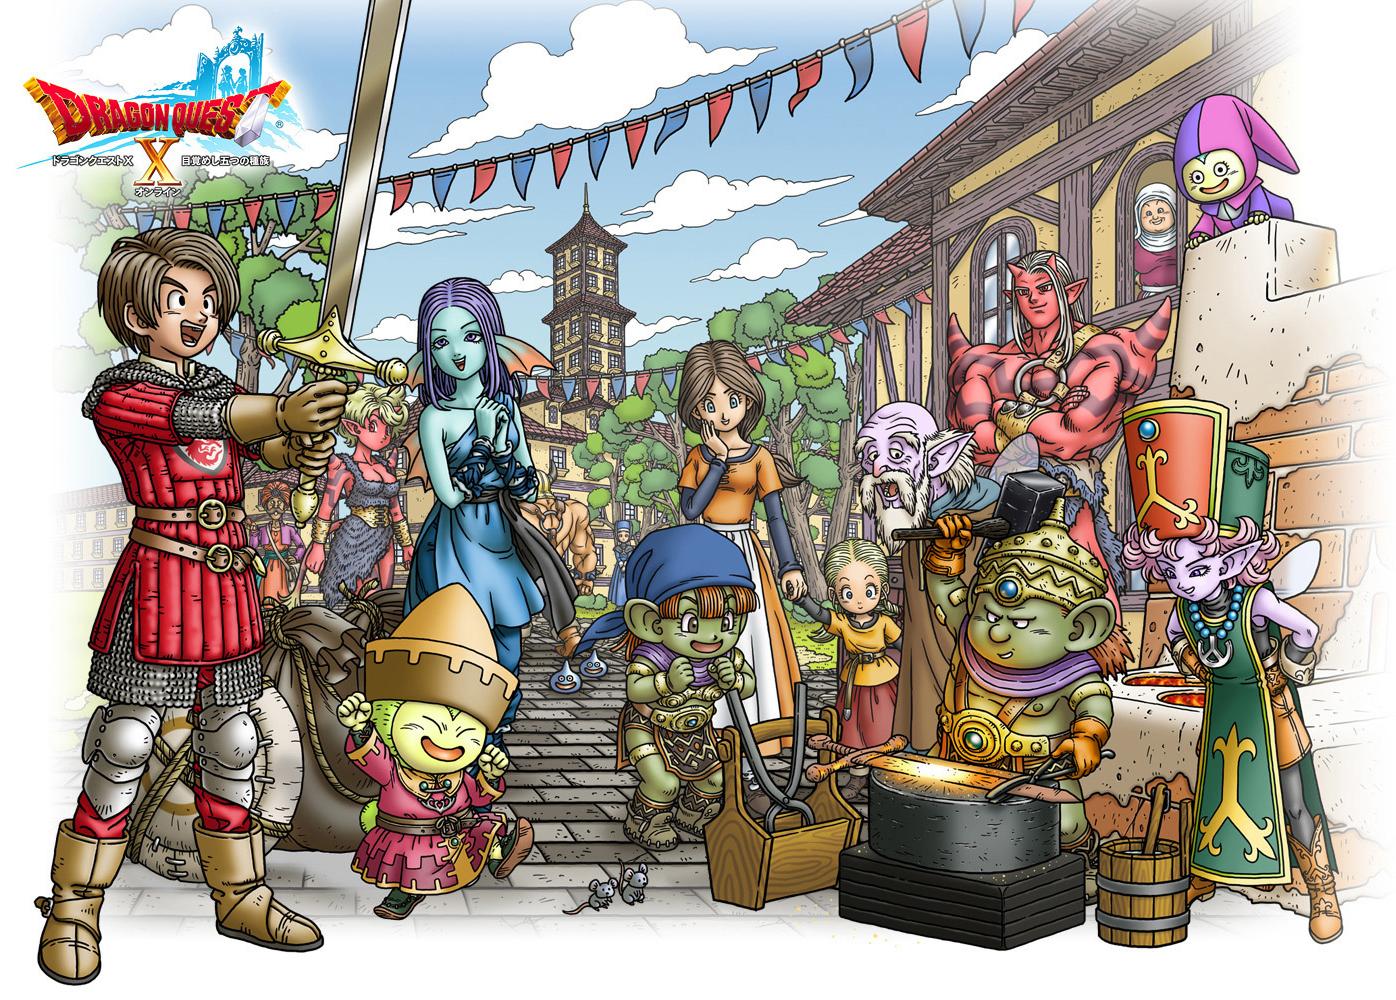 Elegant Dragon Quest Auch Bald Für Die PS4? Konsolenkost News